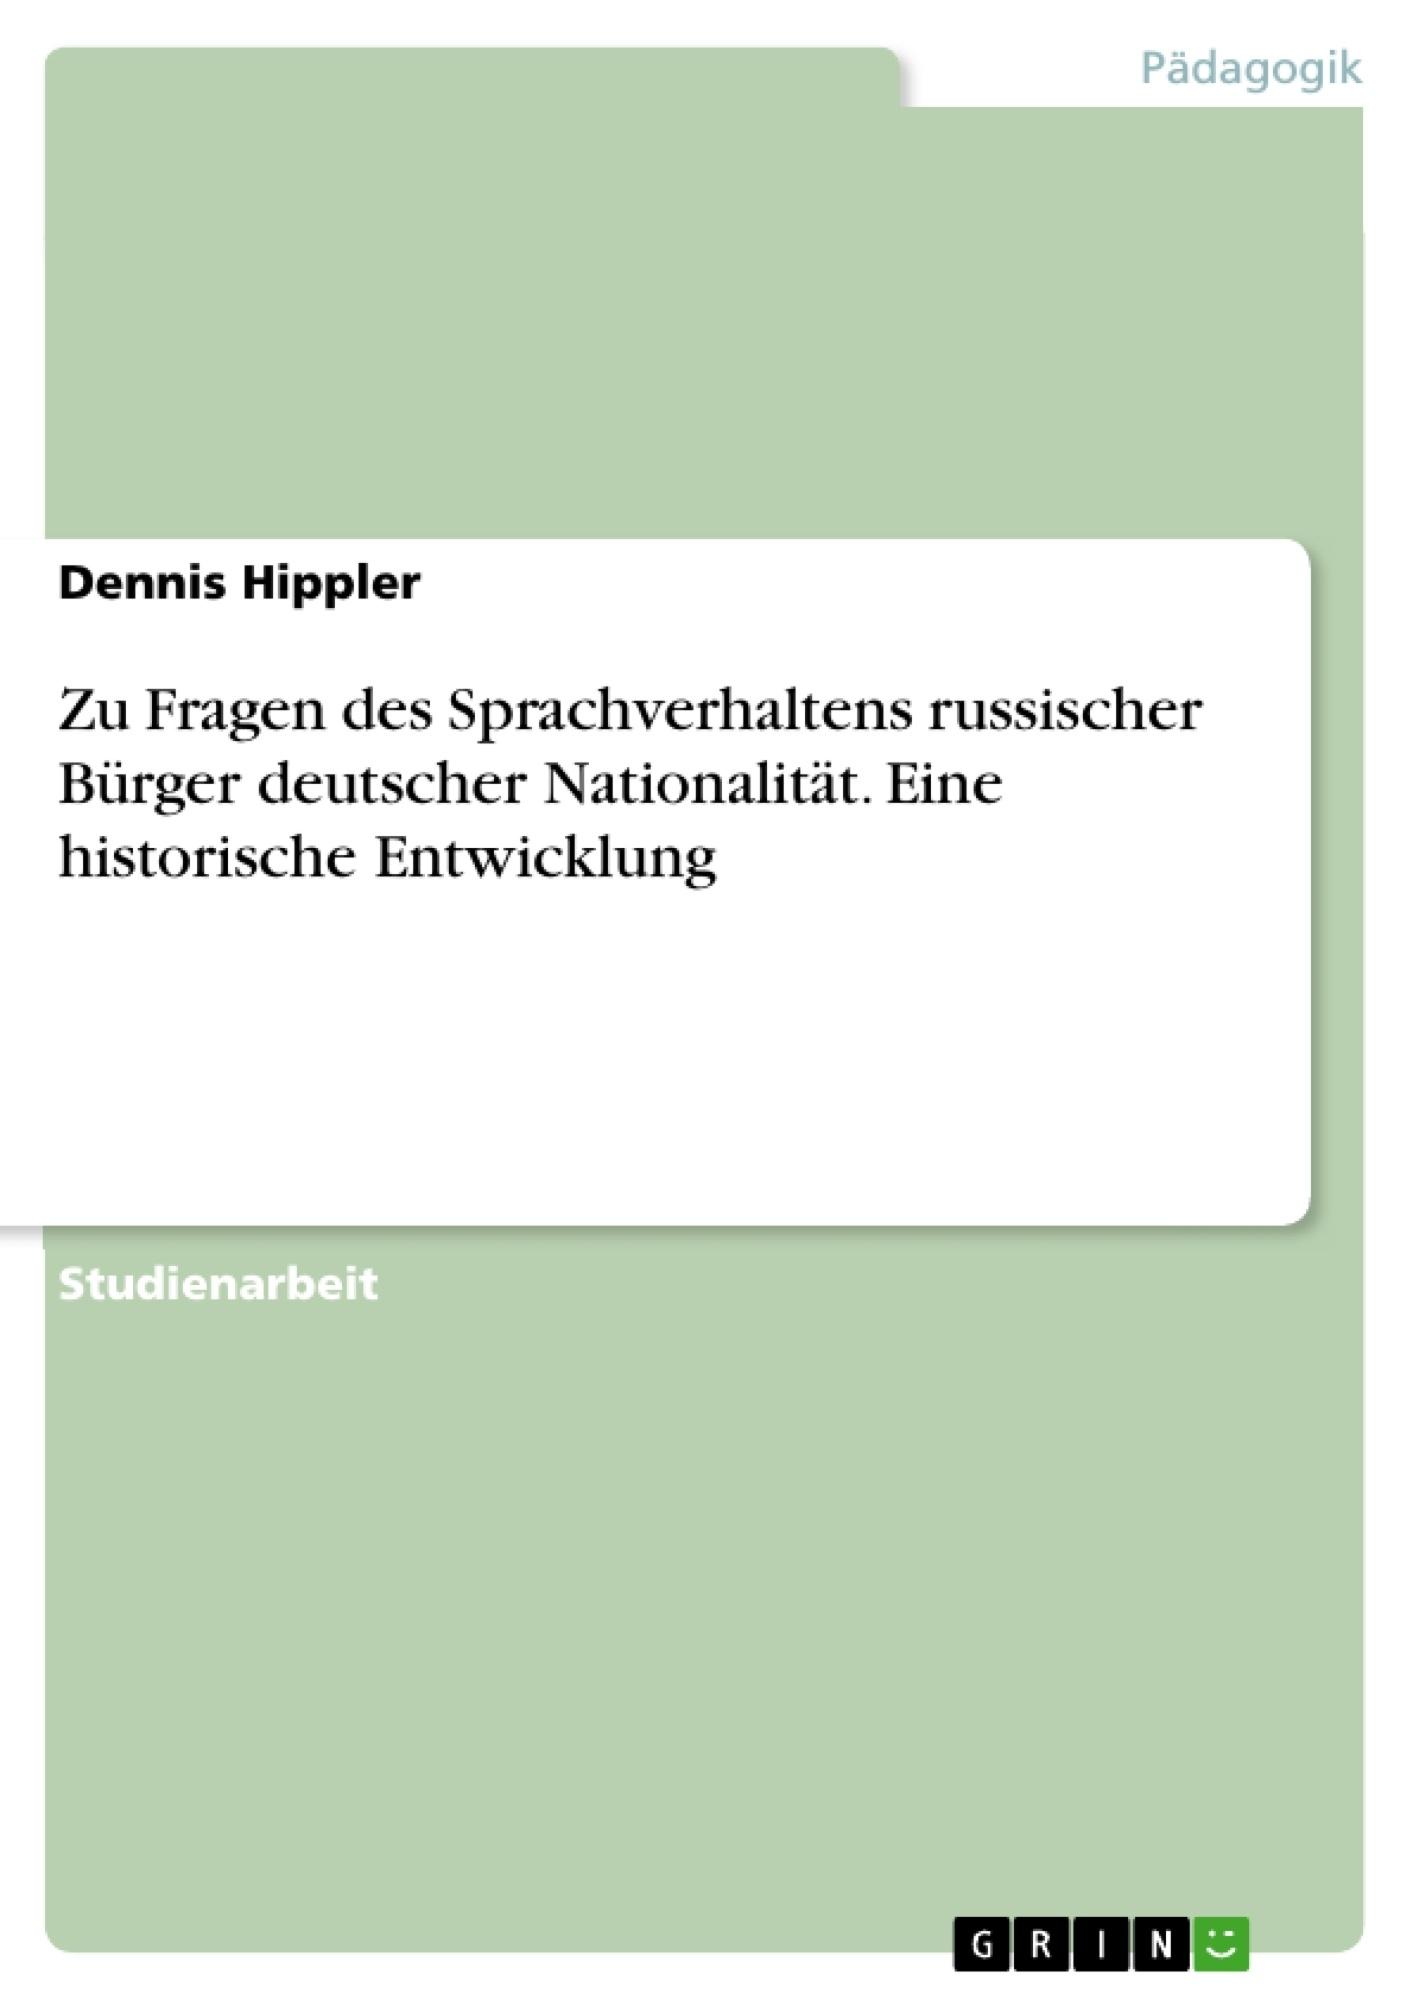 Titel: Zu Fragen des Sprachverhaltens russischer Bürger deutscher Nationalität. Eine historische Entwicklung